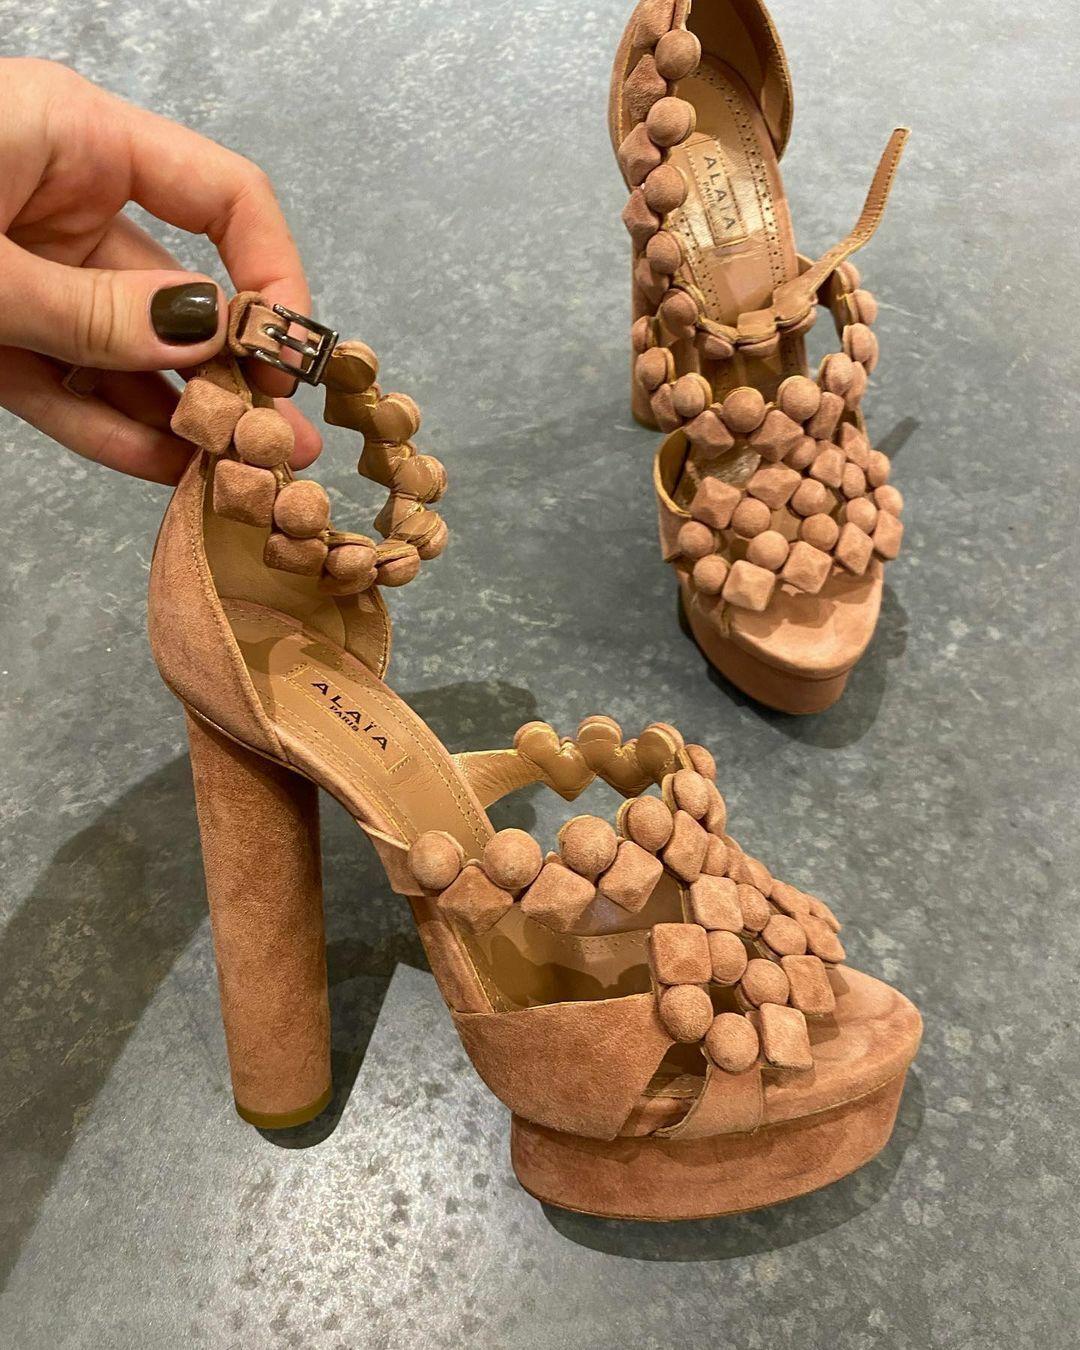 ALAIA Alaïa Femmes Marron Daim Cloutée Sandale Plateforme Boucle IT/UE 37 US 7 UK 4